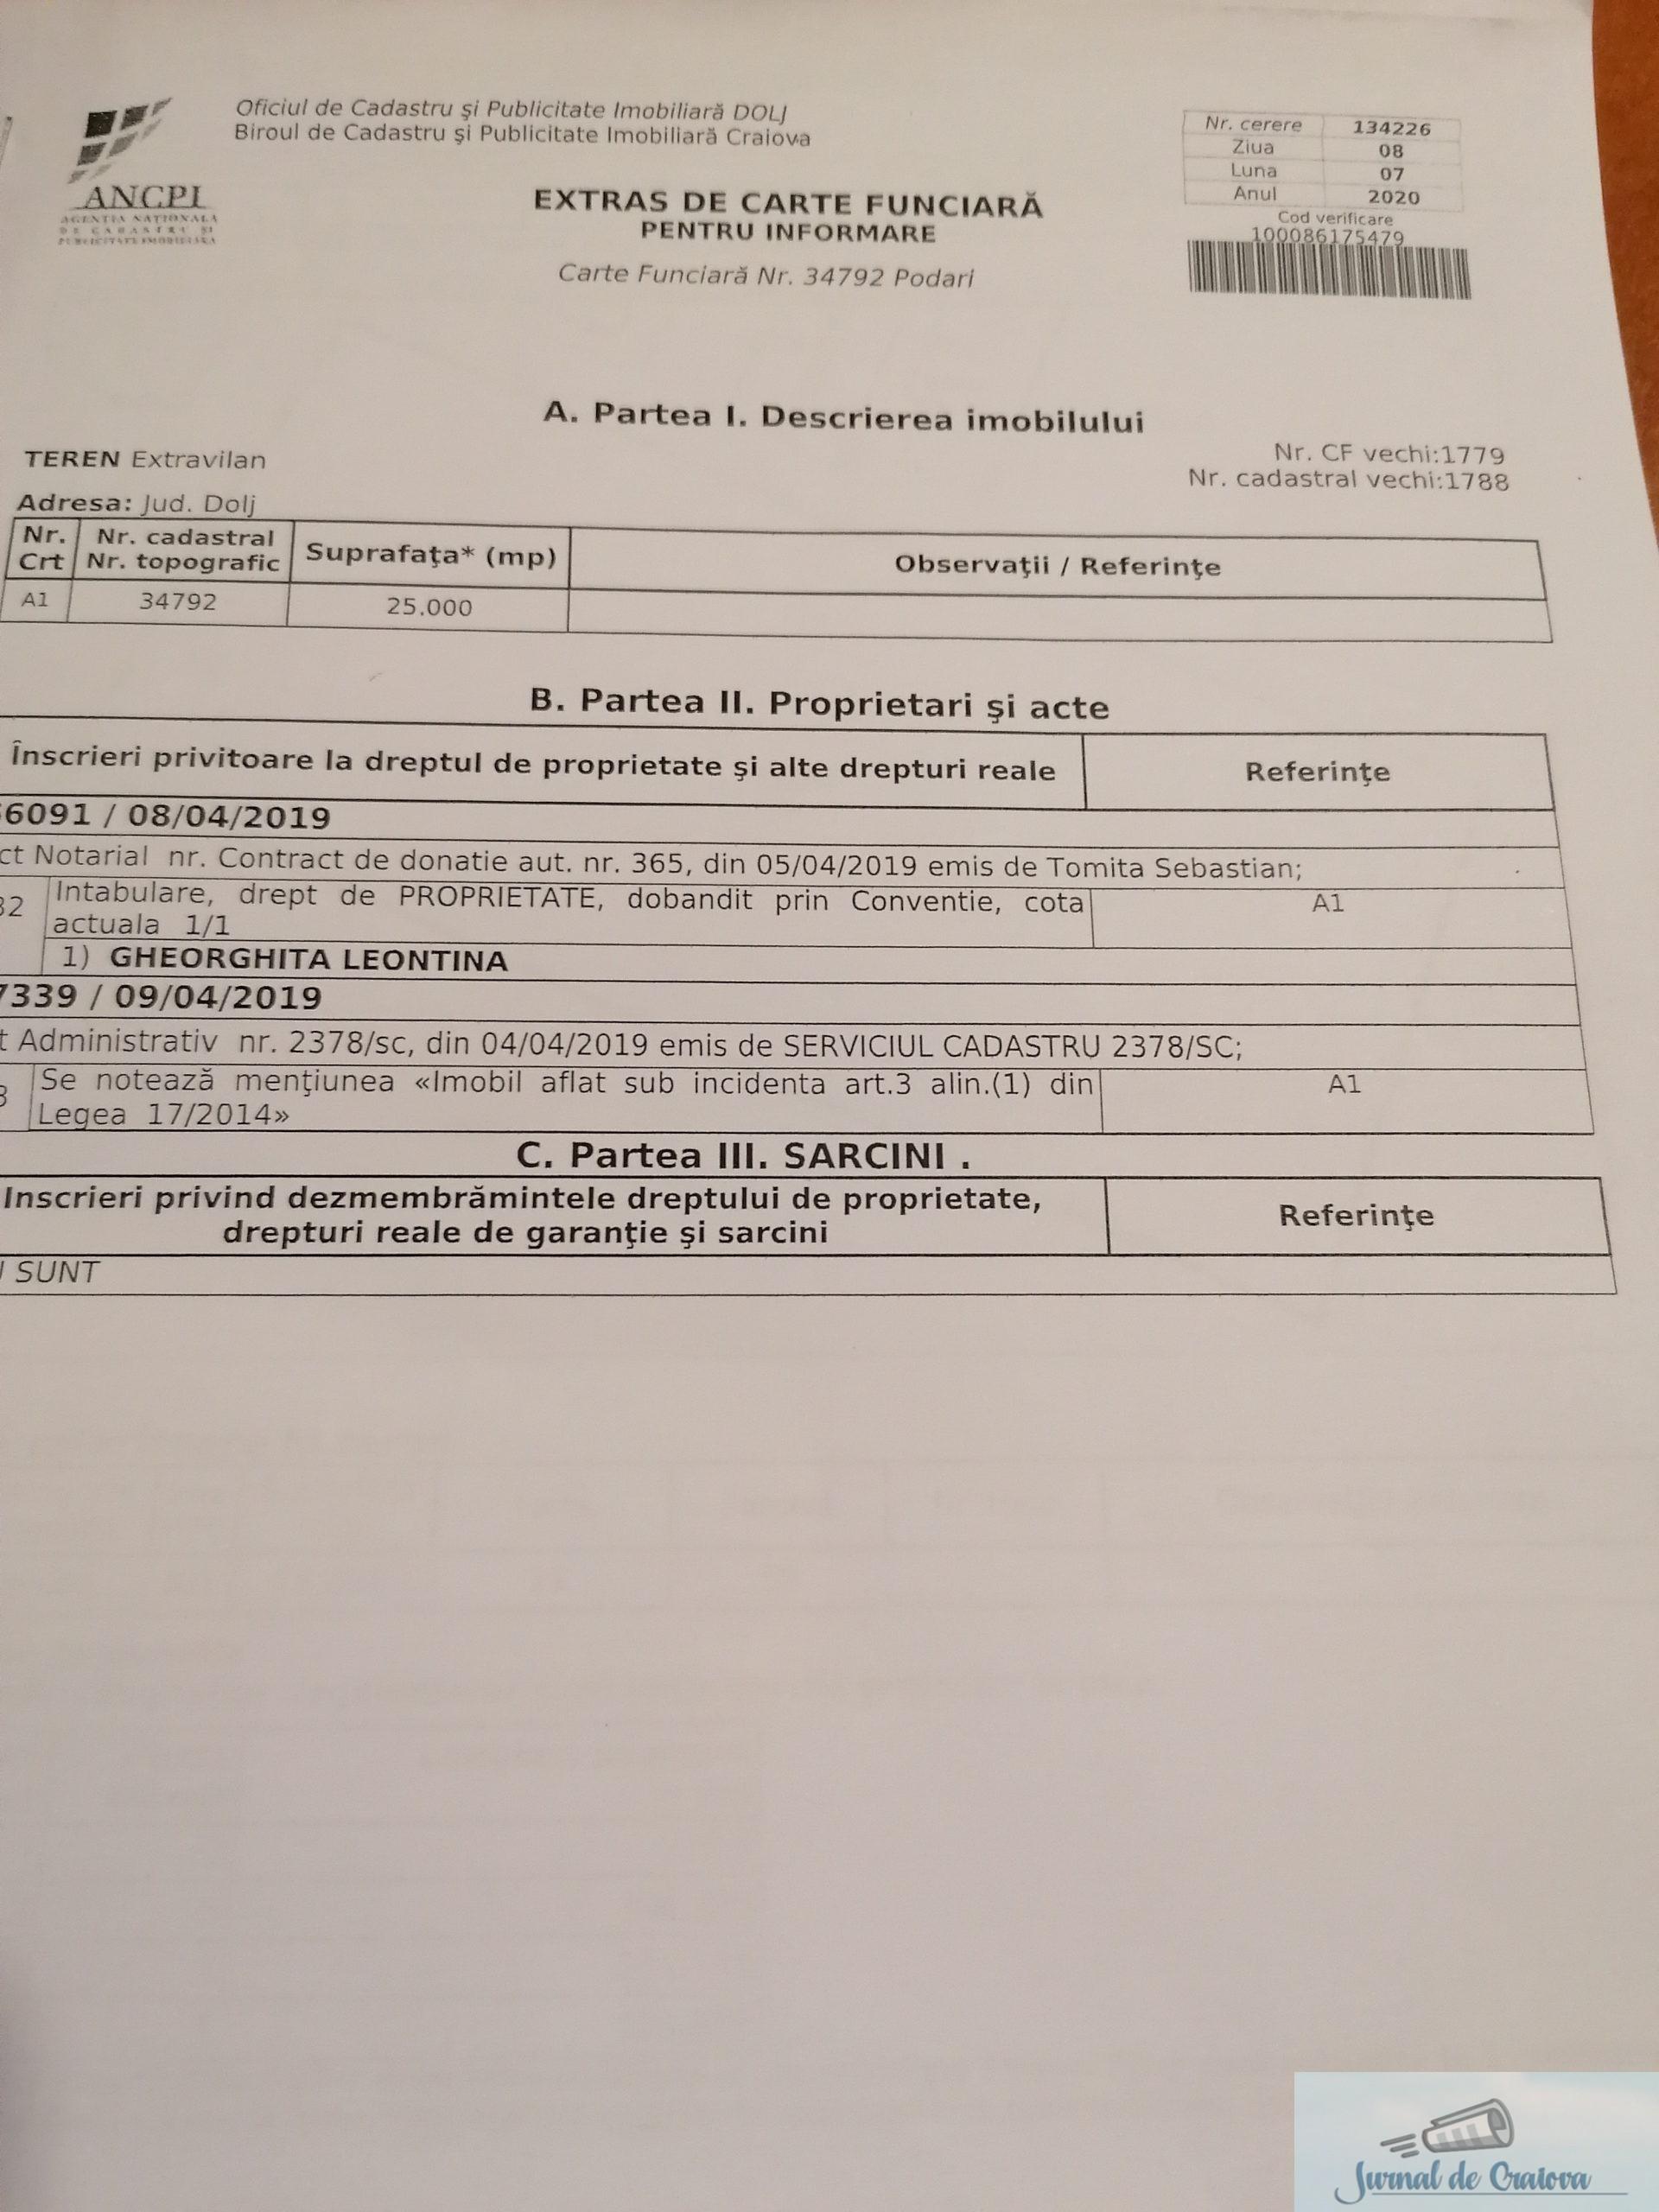 #BarondeDolj : Cum a reusit familia Gheorghita sa puna mana pe cele 24 de hectare cedate de MAPN in Podari .. 15